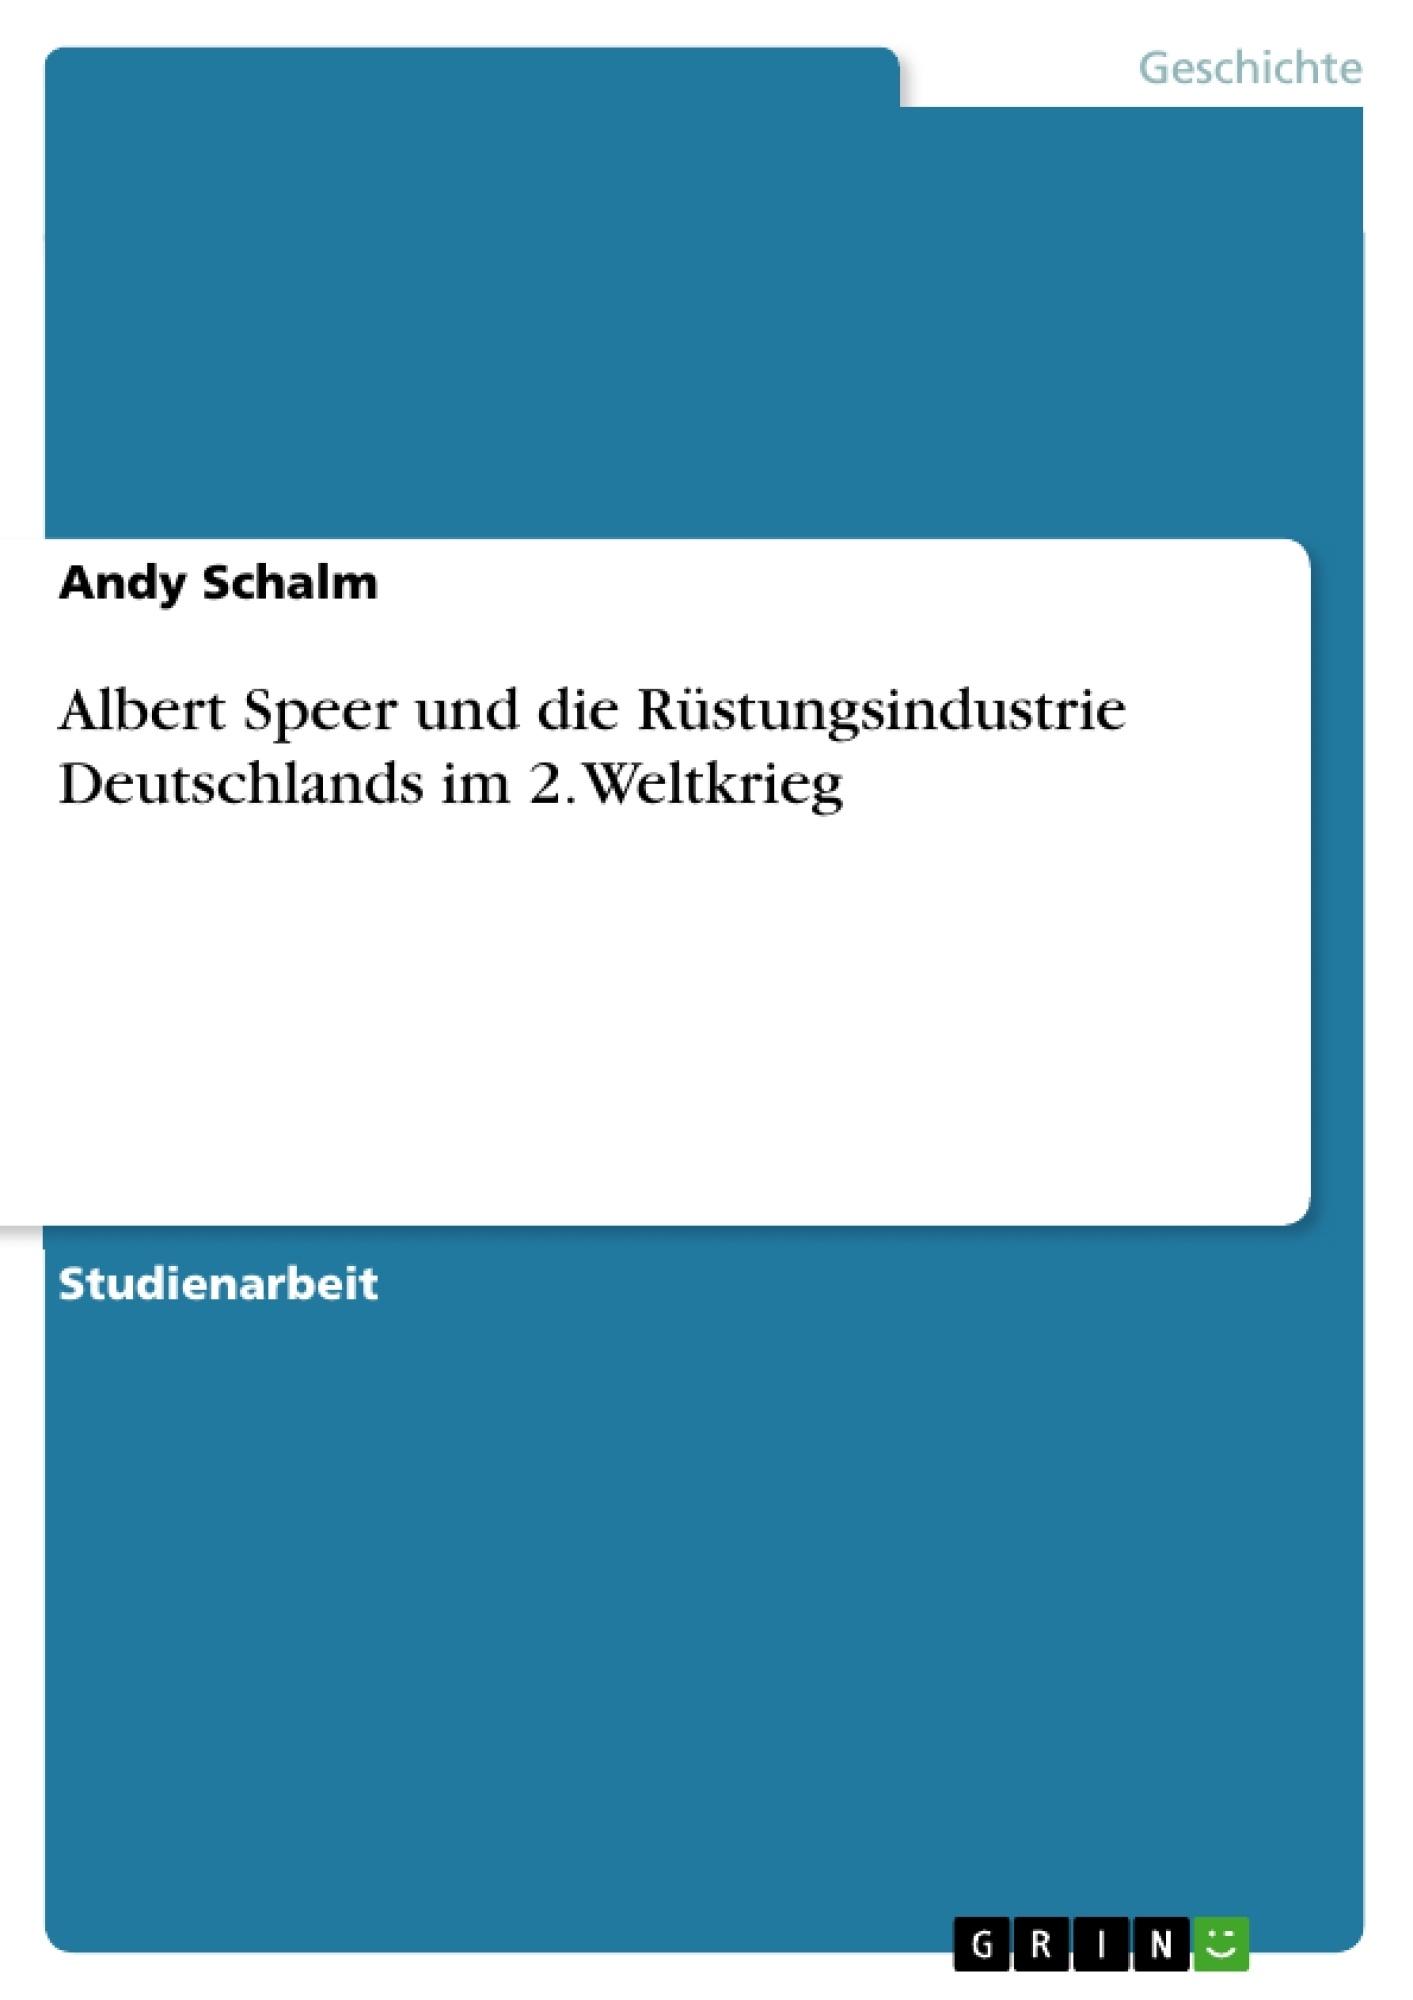 Titel: Albert Speer und die Rüstungsindustrie  Deutschlands im 2. Weltkrieg